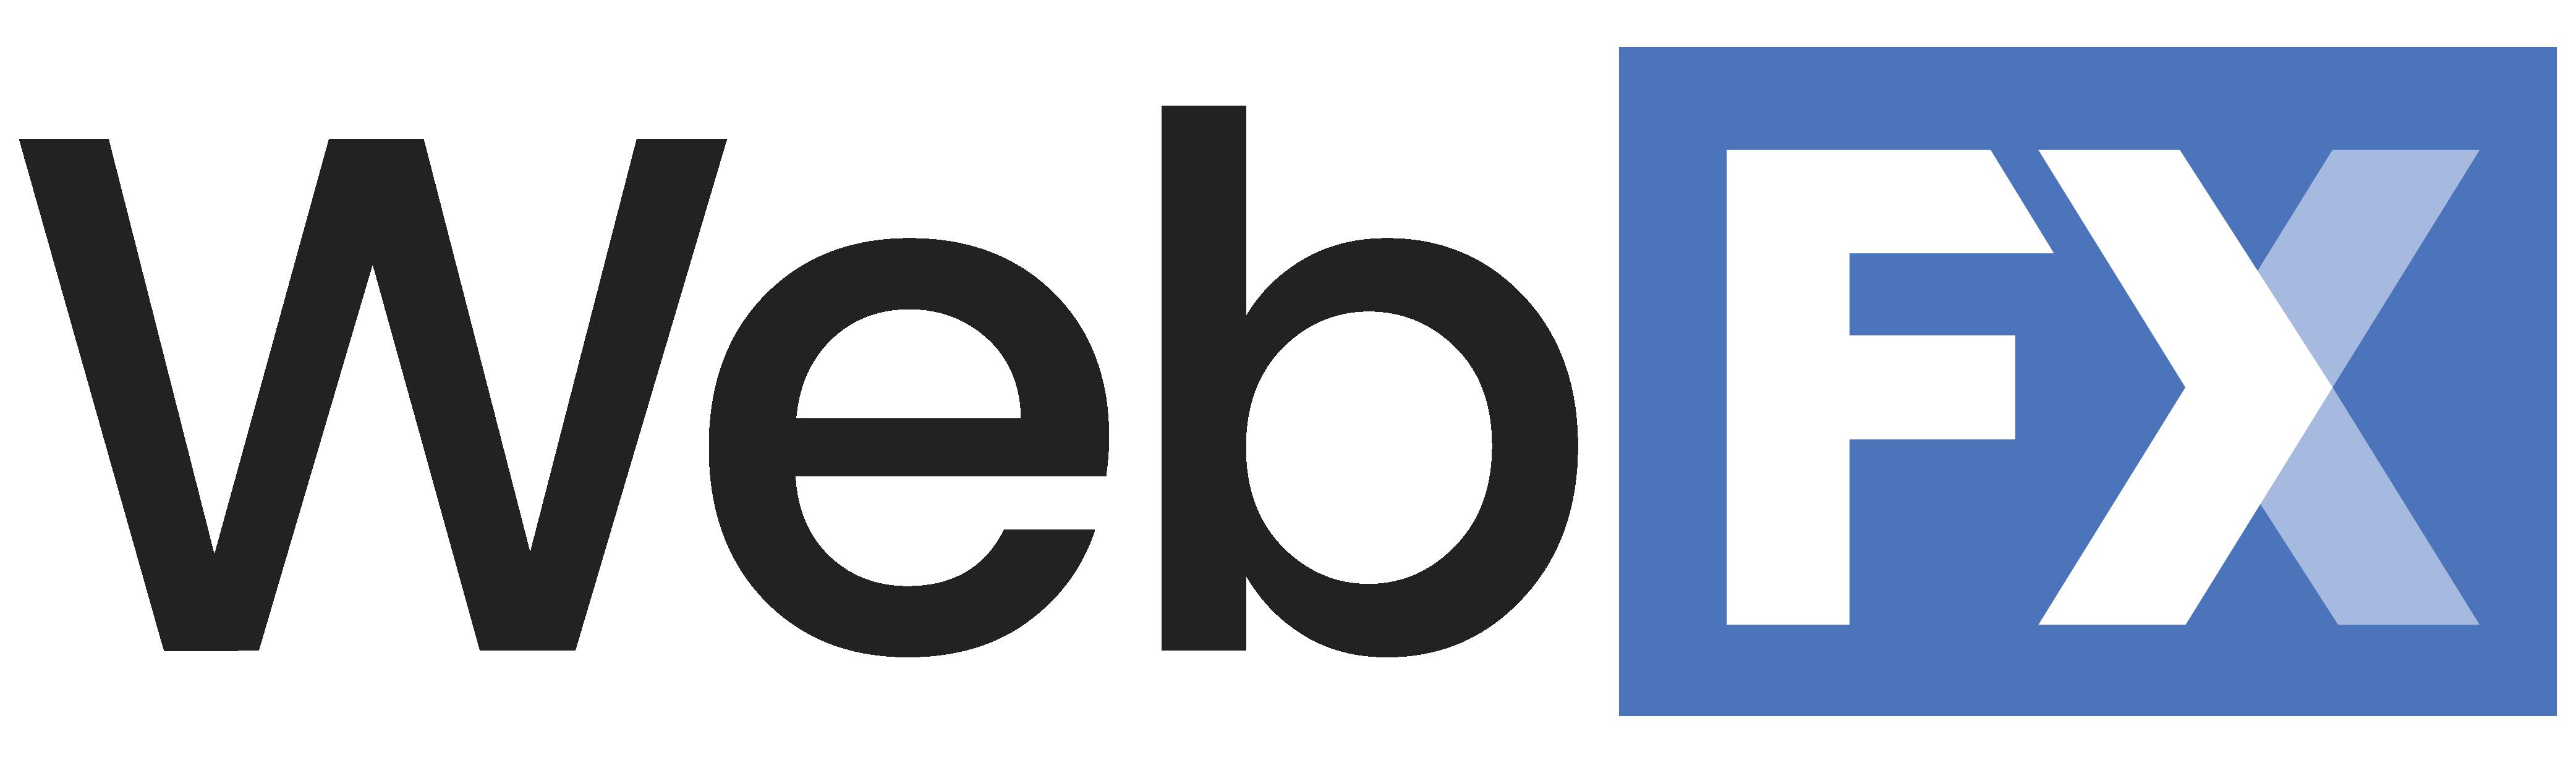 webfx.com logo